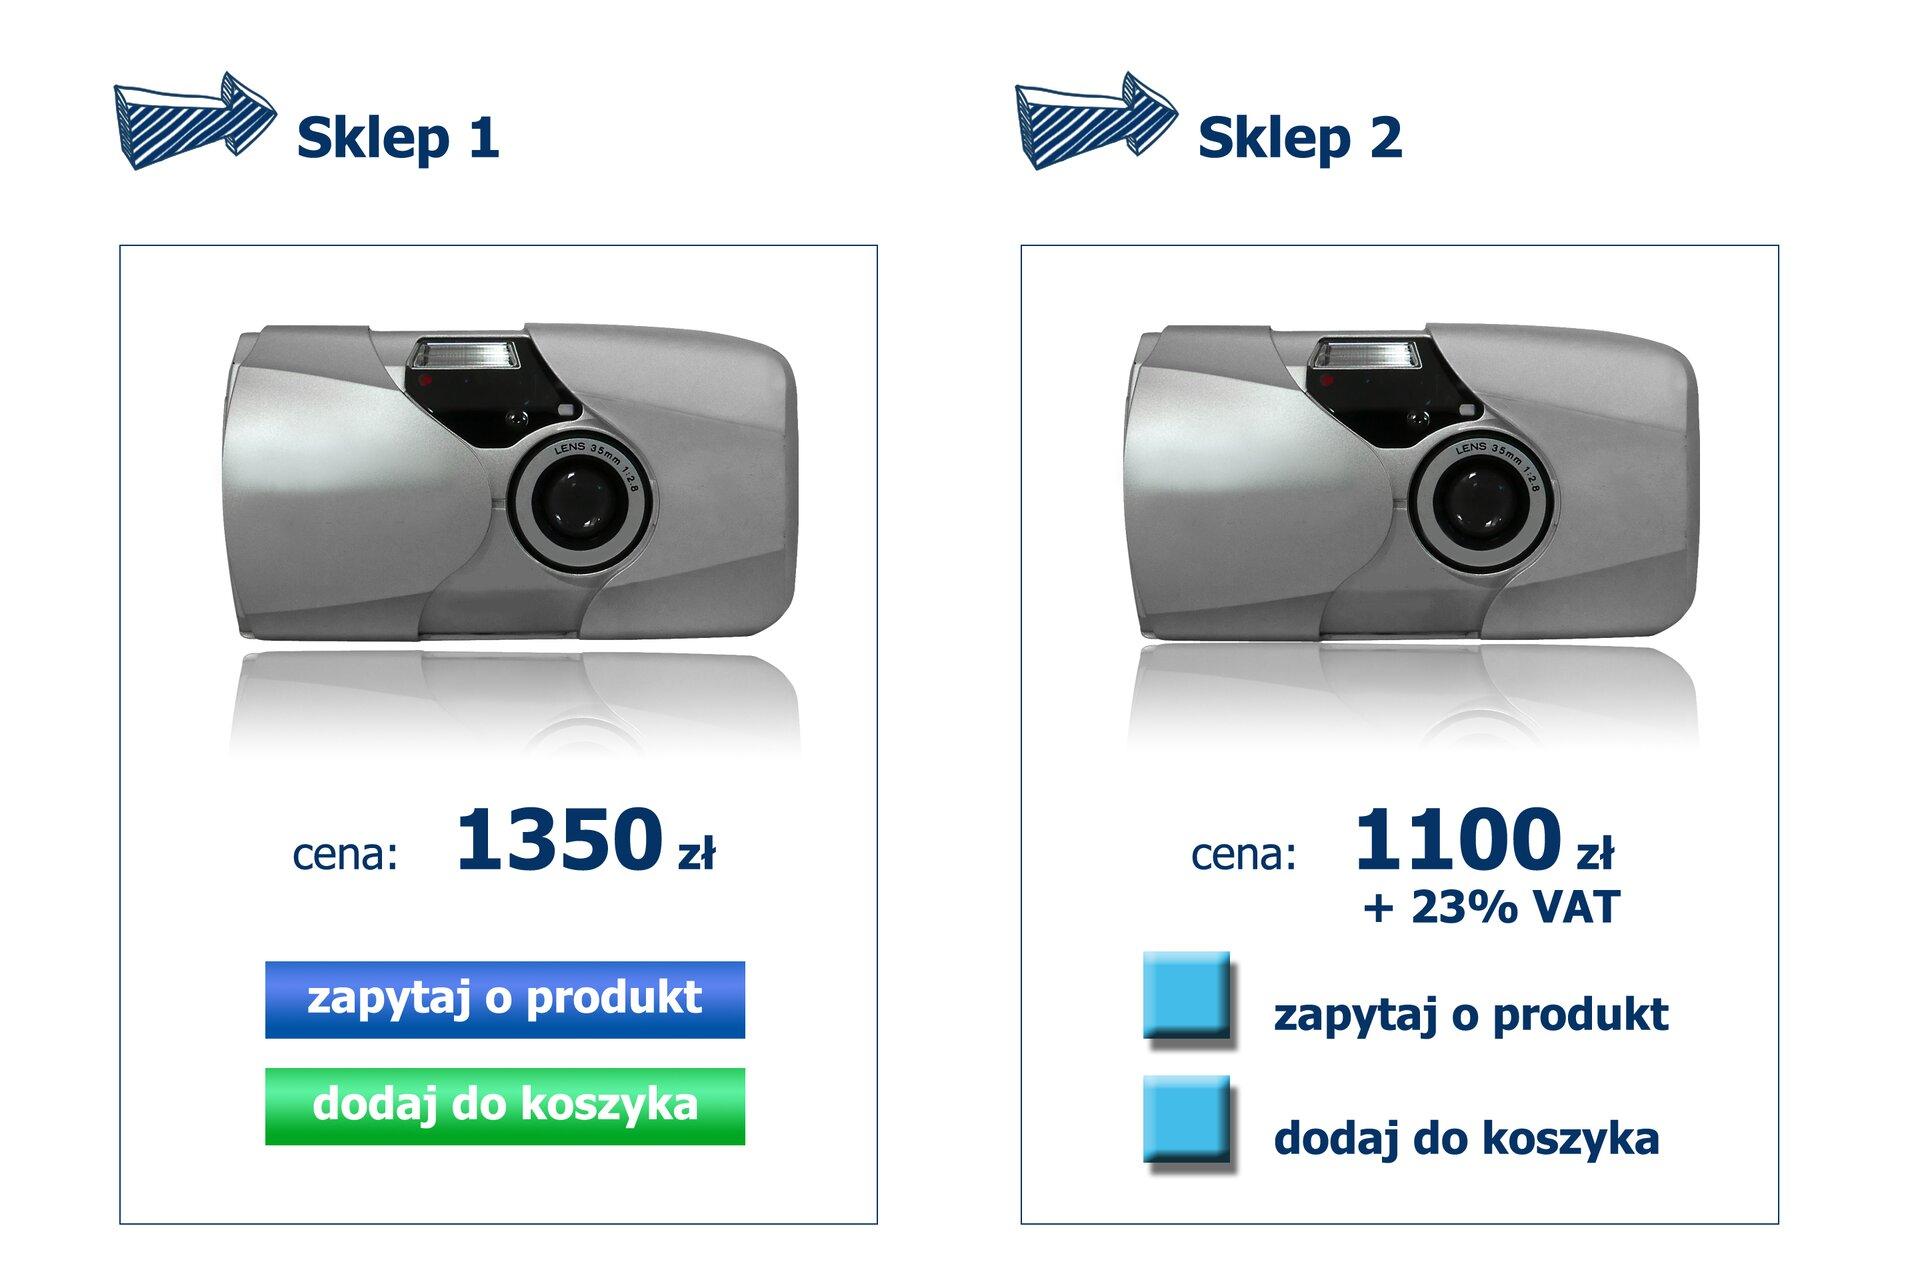 Rysunek dwóch identycznych aparatów fotograficznych dostępnych wdwóch sklepach.